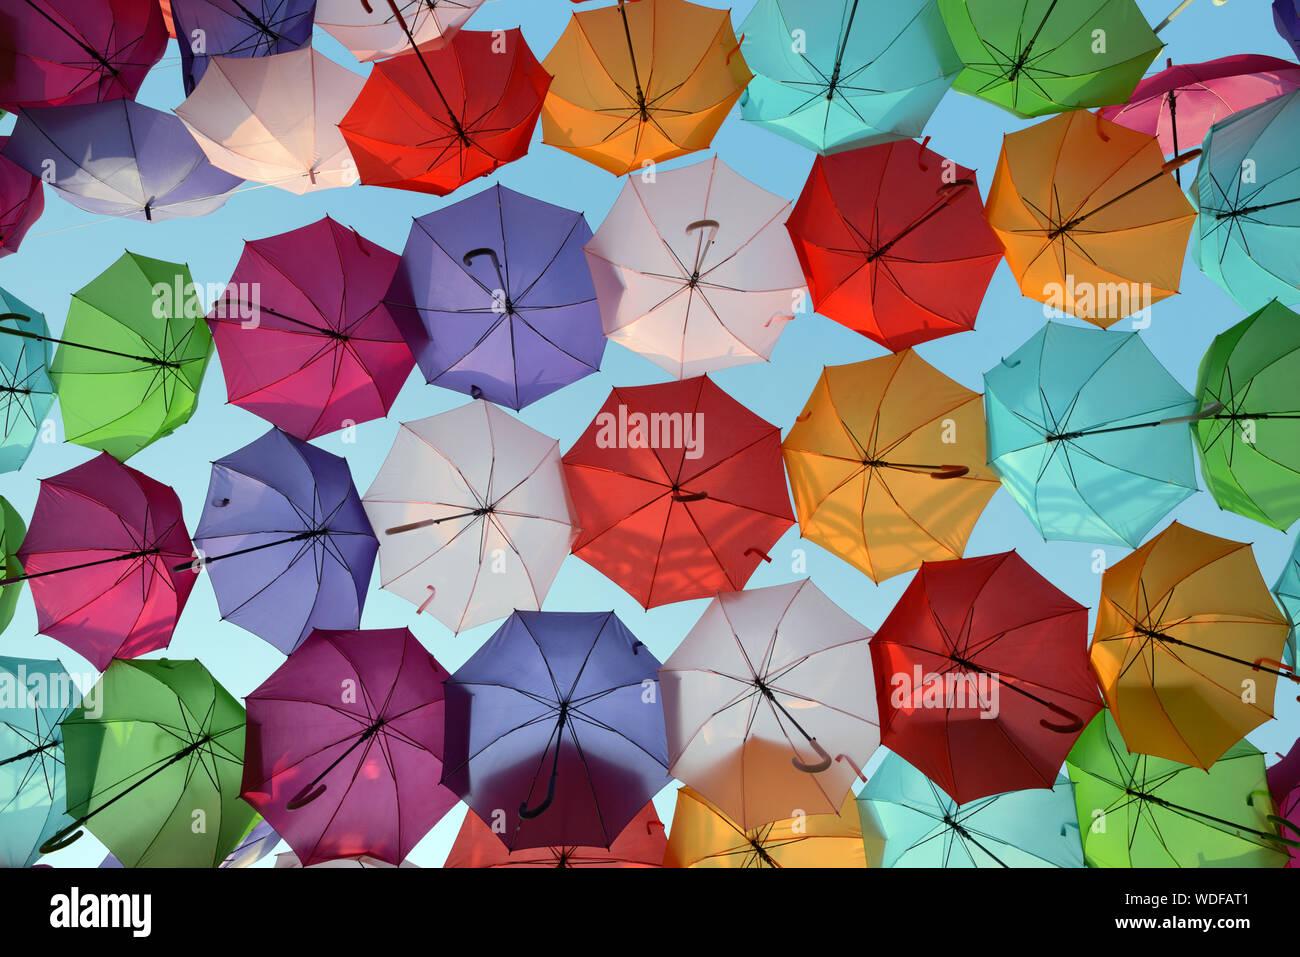 Ombrelloni colorati o ombrelloni appeso sopra Place Francois Villon, artista Patricia Cunha Ombrello Sky Progetto Arte di installazione Aix-en-Provence Foto Stock